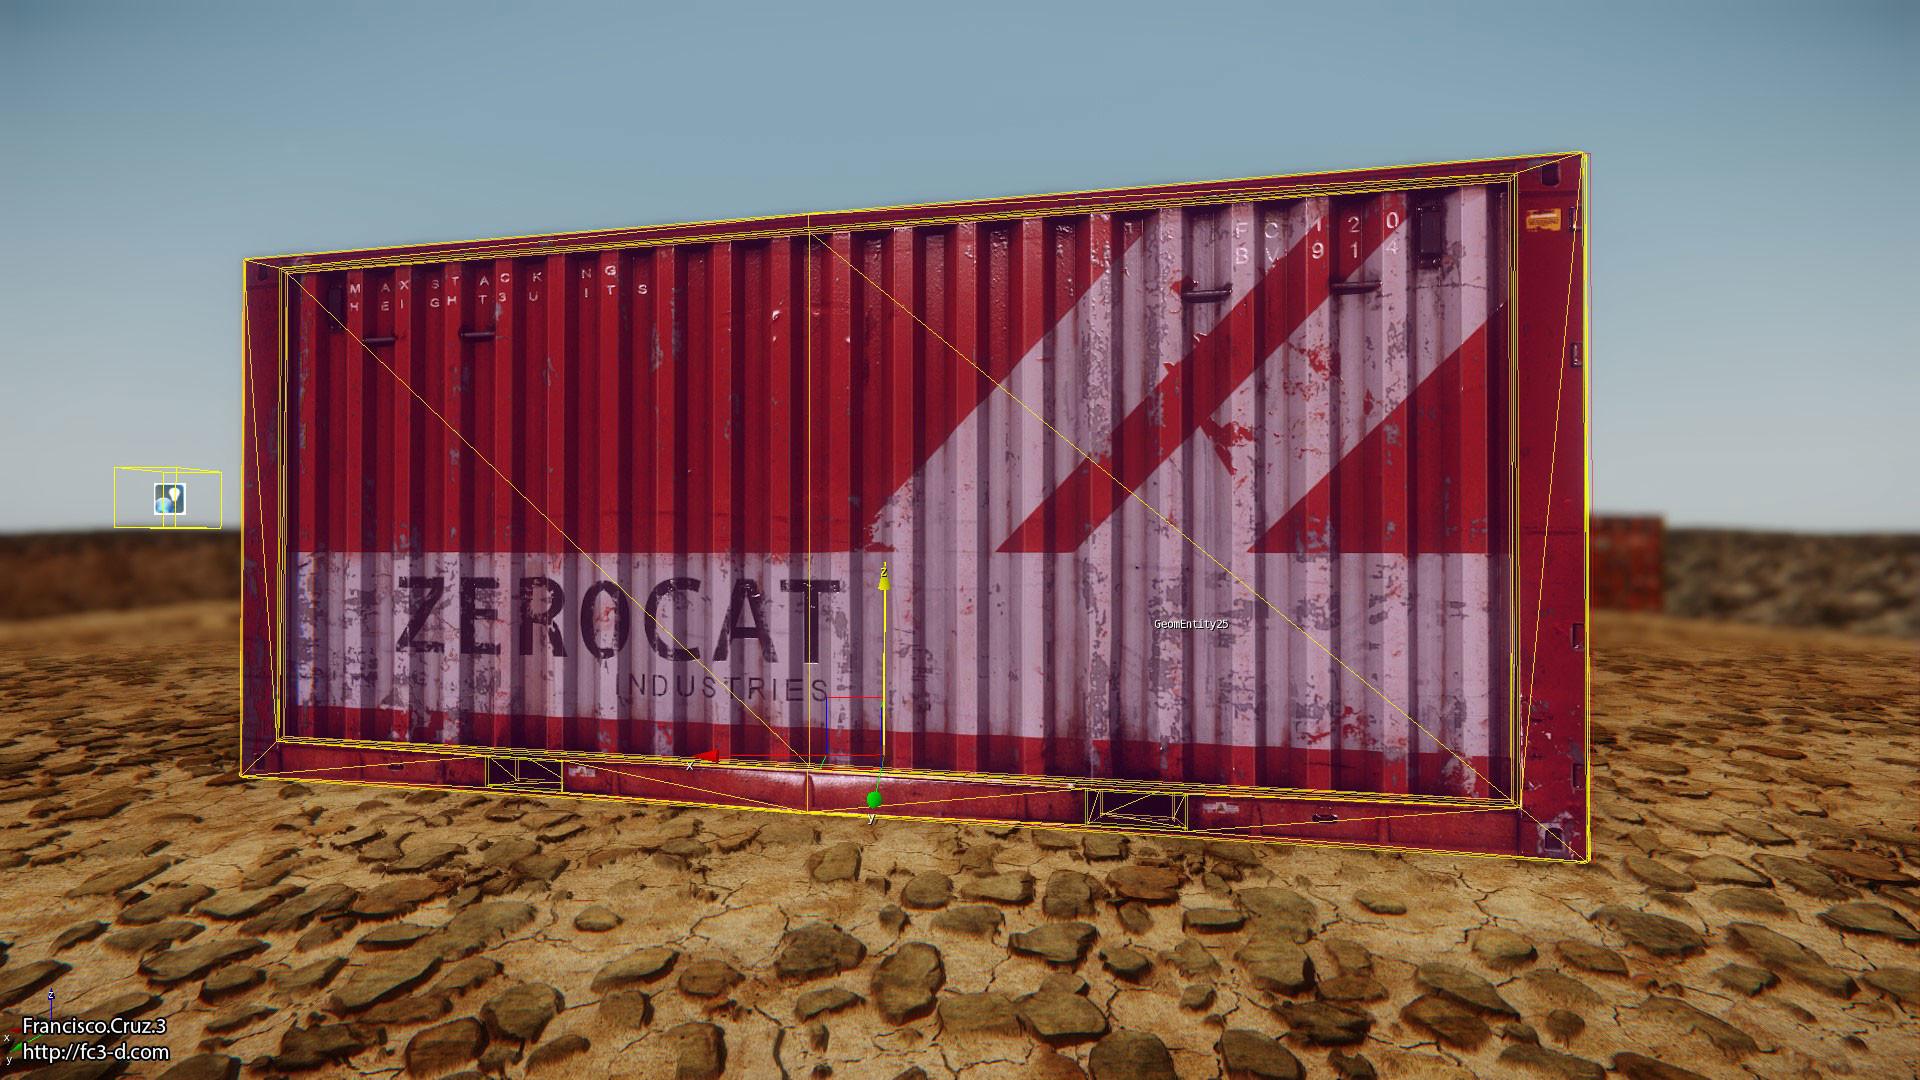 Francisco cruz fc3 container 02